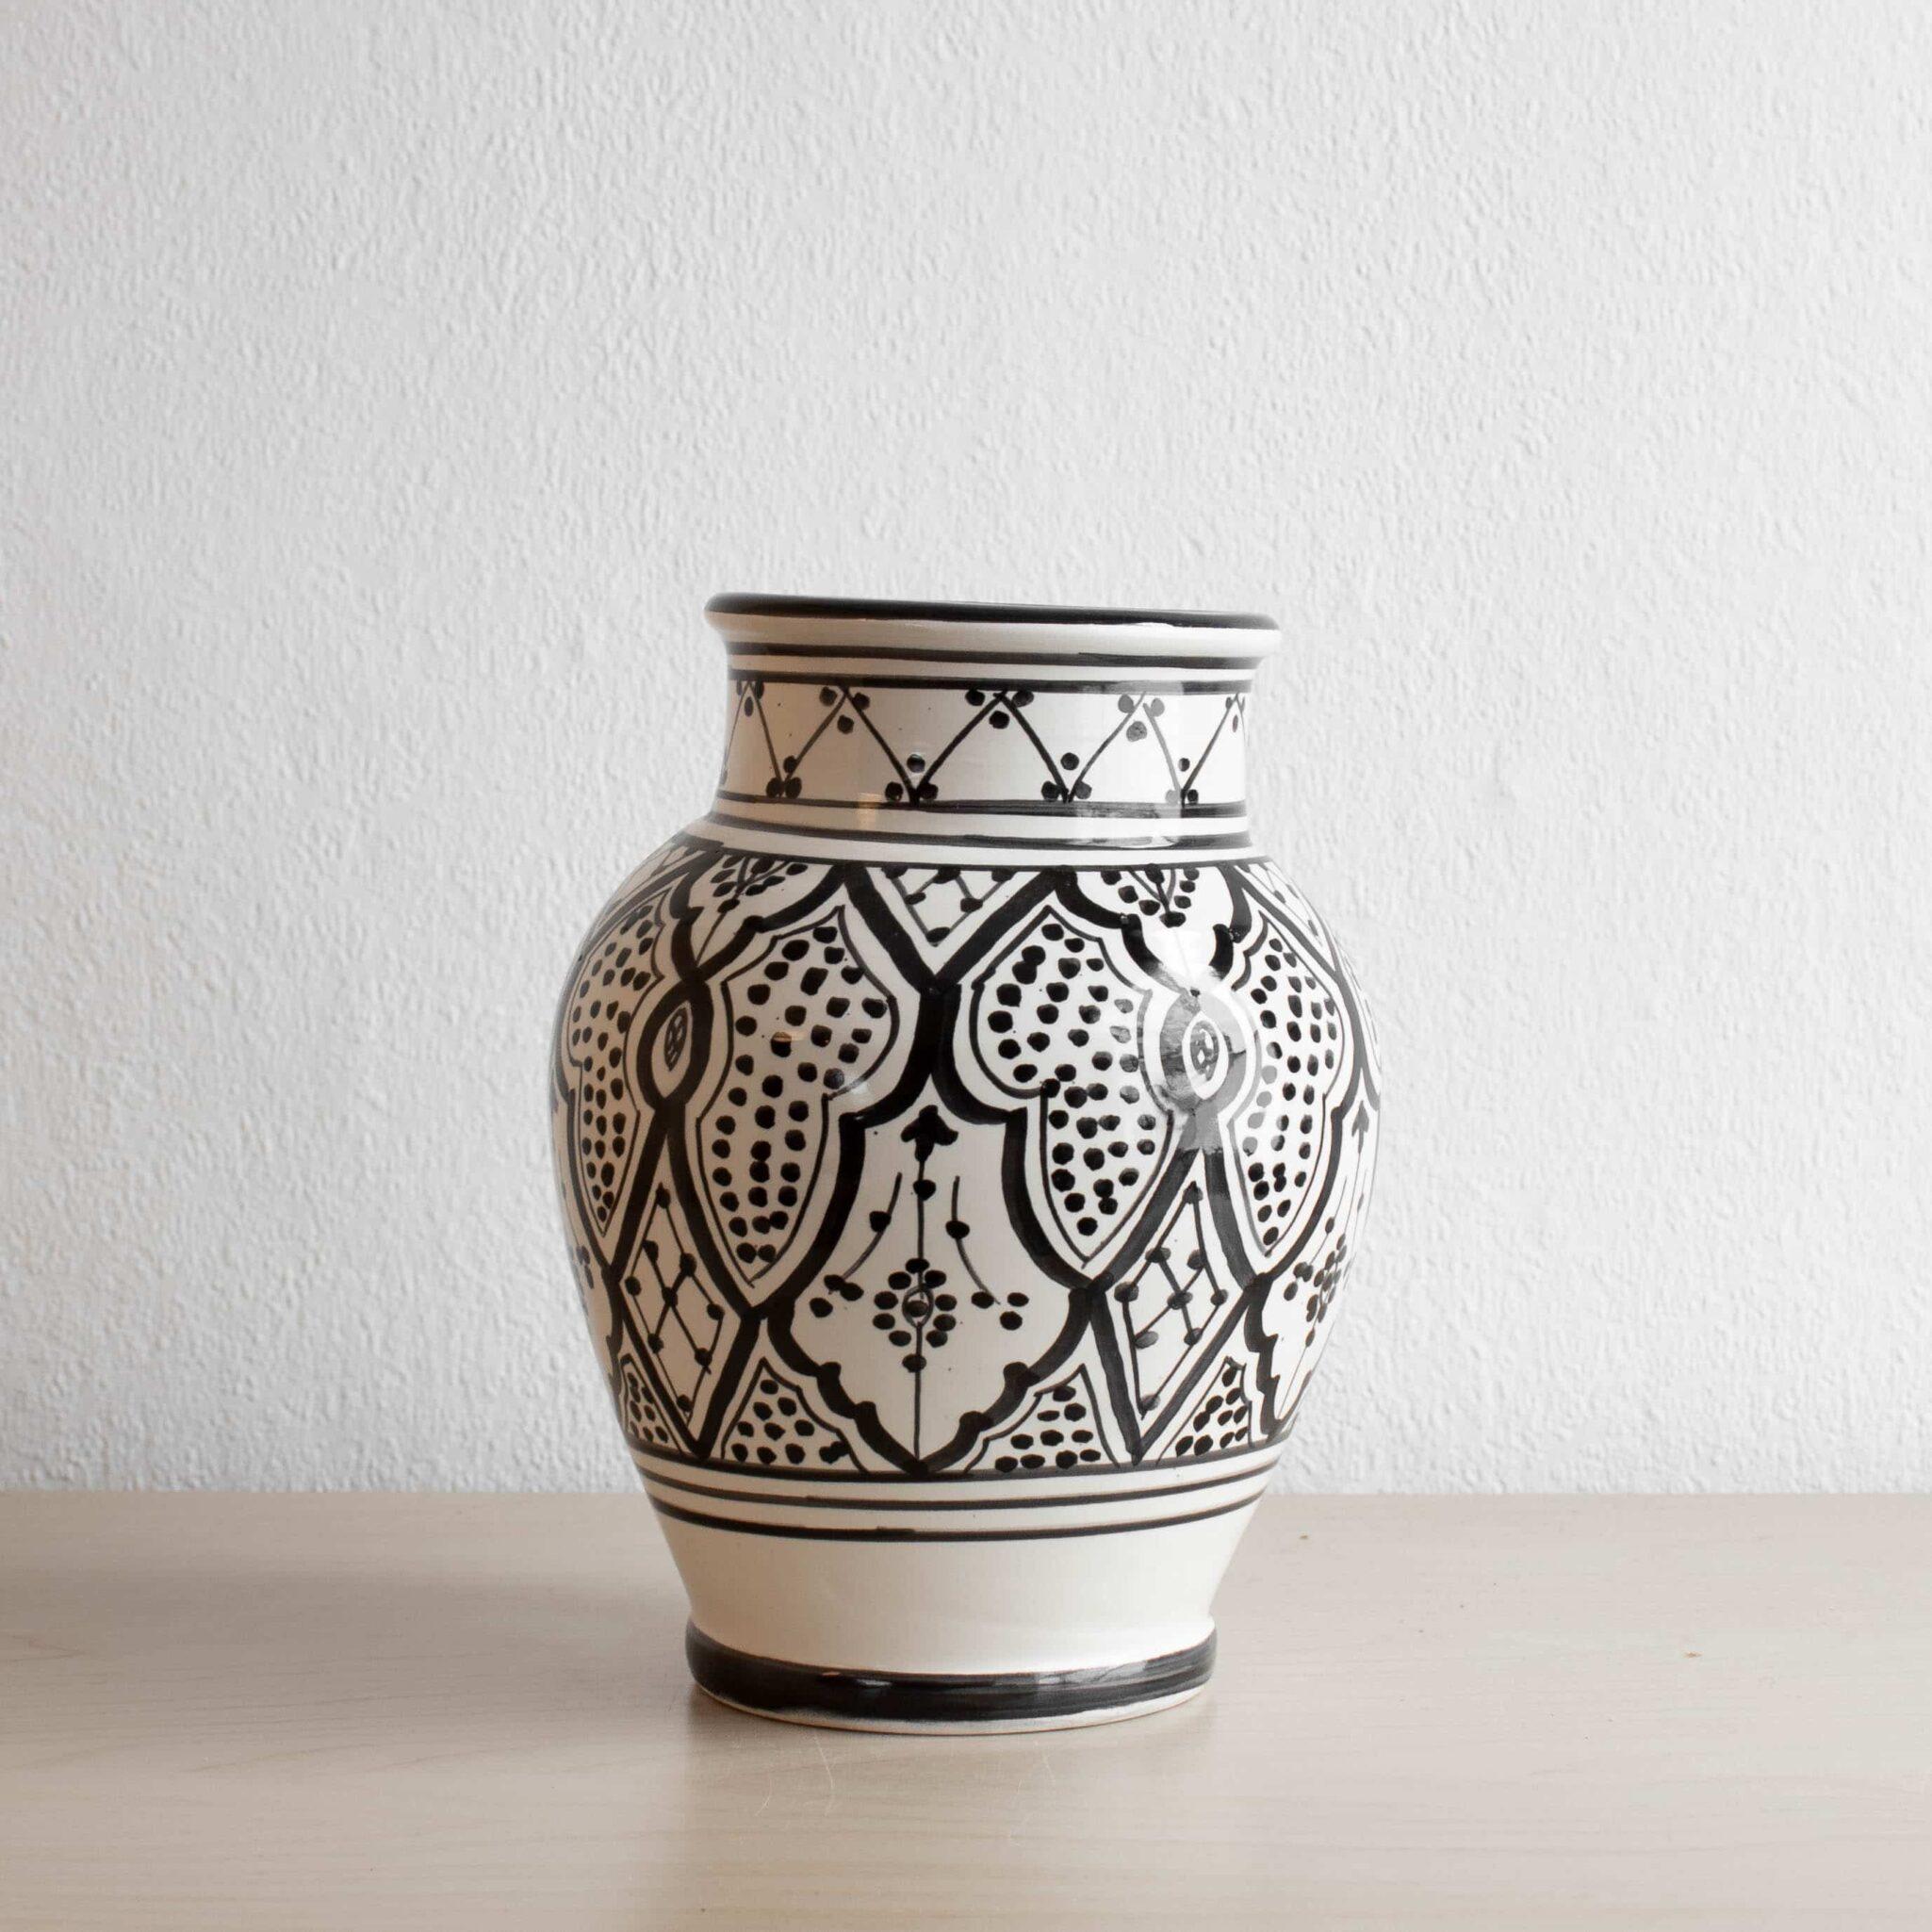 marokkanische vase warda in schwarz wei marokkanische keramik